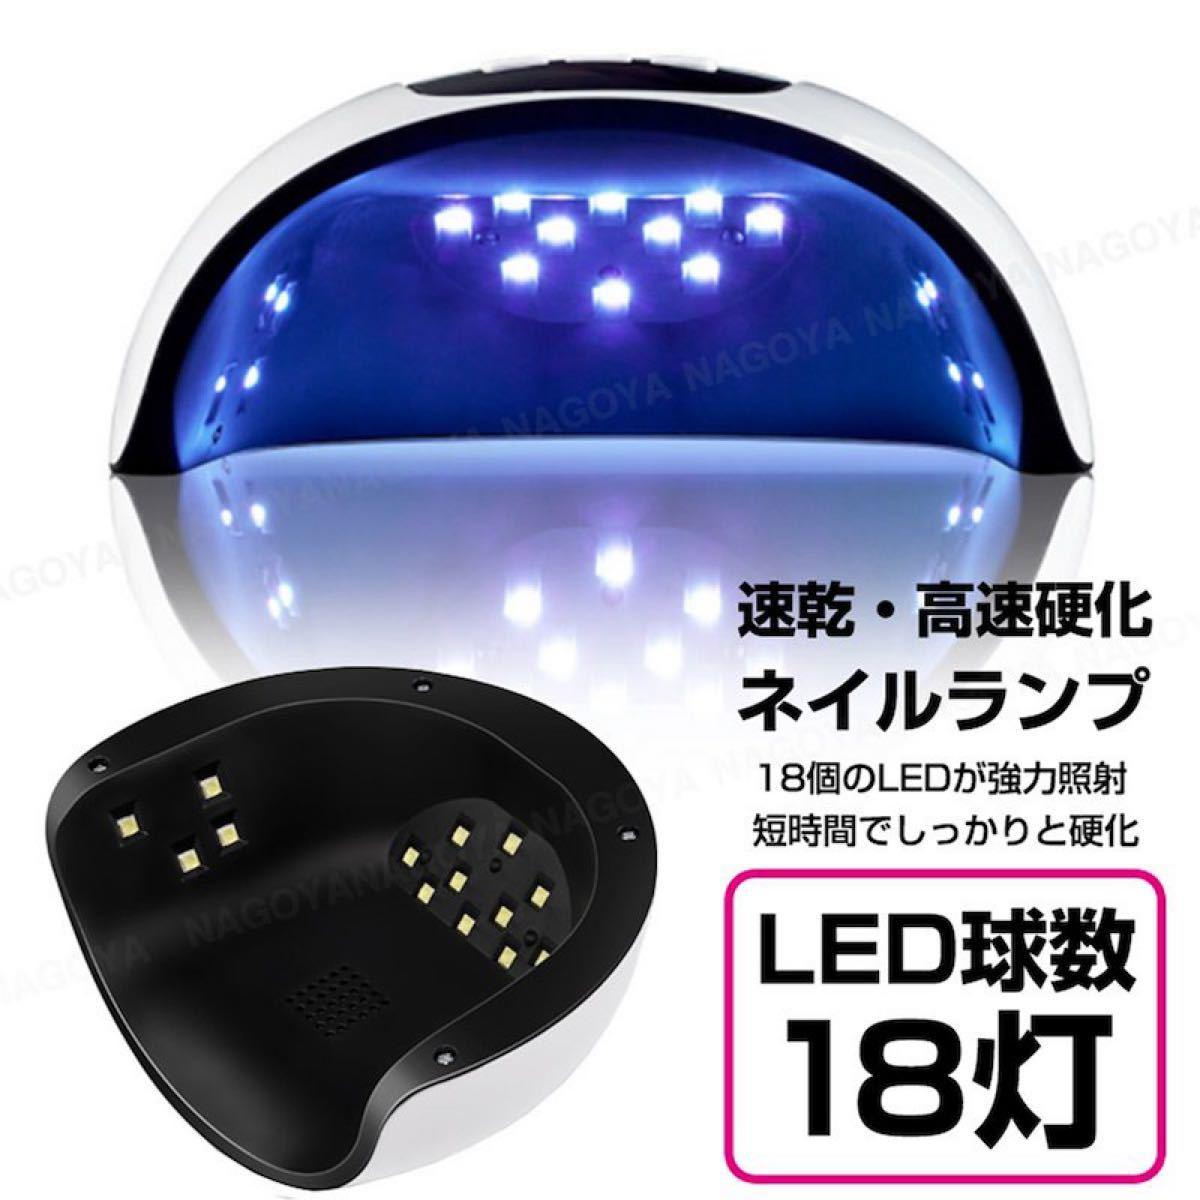 高速硬化 54W LED UVジェルネイルライト ネイルドライヤー レジン